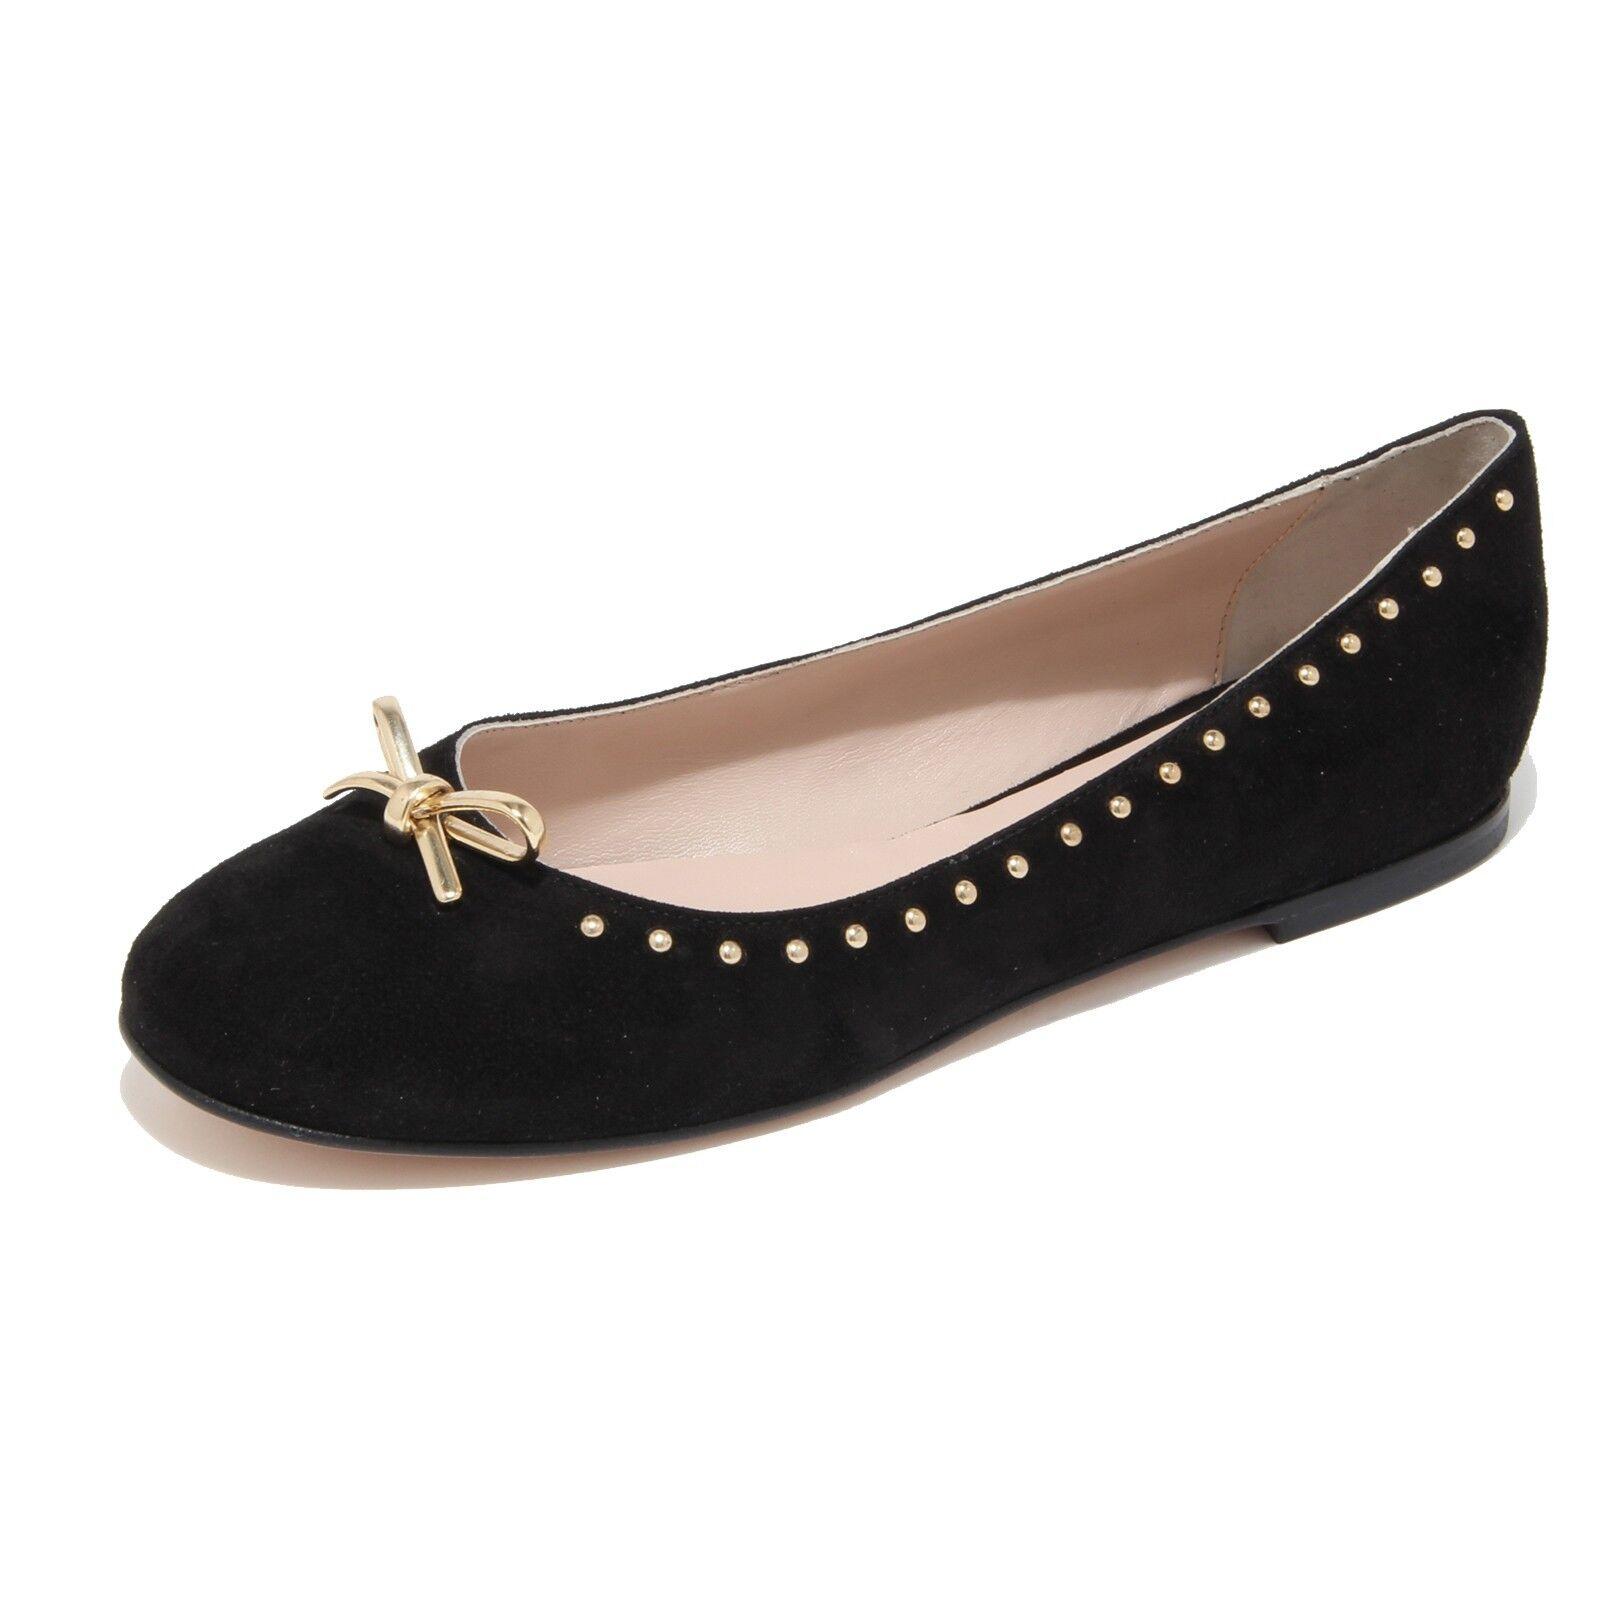 81319 81319 81319 ballerine mujer Twin-Set Simona Barbieri zapatos zapatos mujer  alta calidad y envío rápido